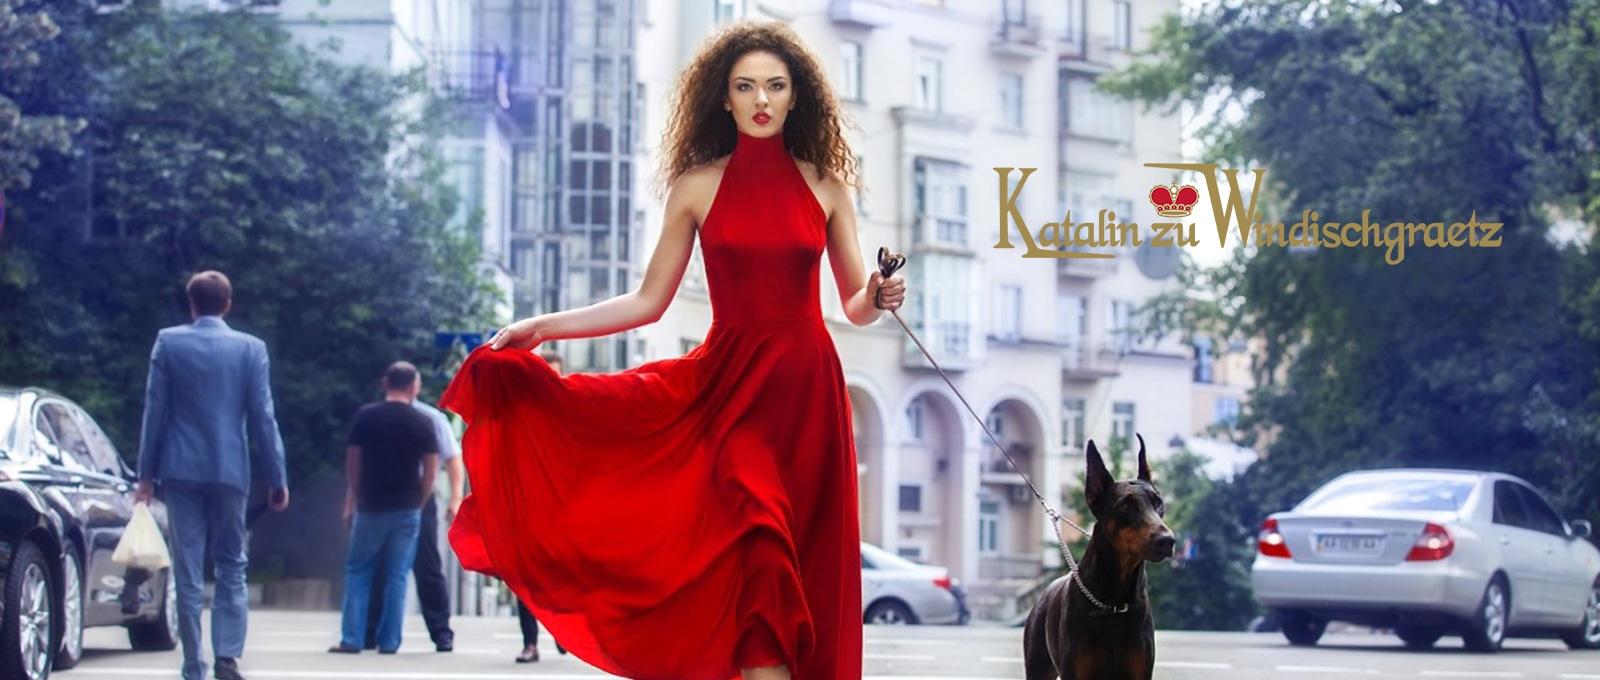 Katalin zu Windischgraetz